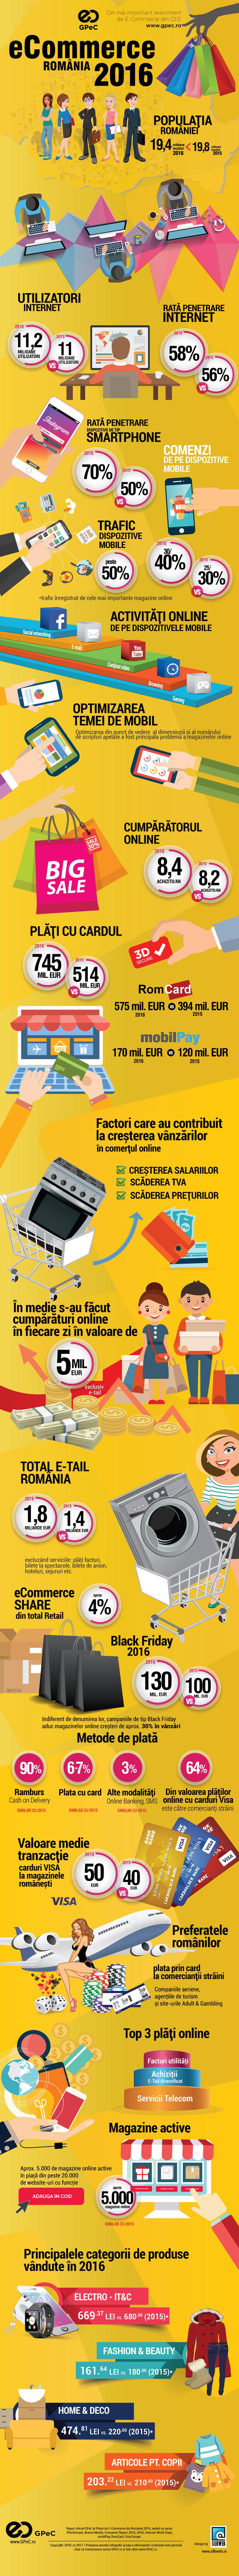 Românii cheltuiesc 5 milioane de euro în fiecare zi pentru cumpărături prin Internet